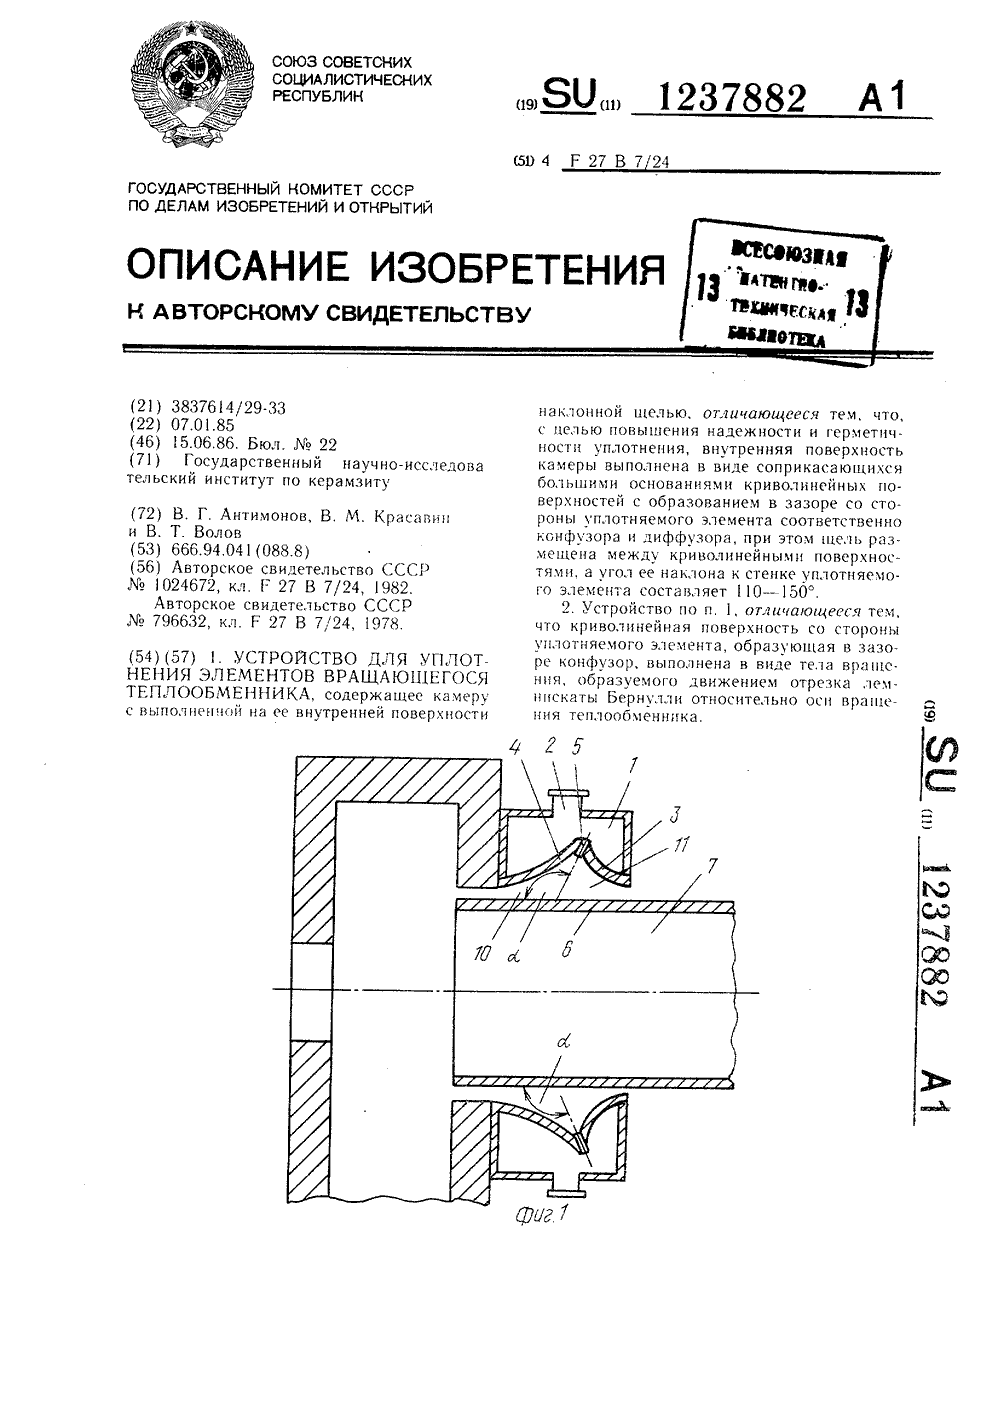 Теплообменник испытание уплотнения промышленные теплообменники воздушные